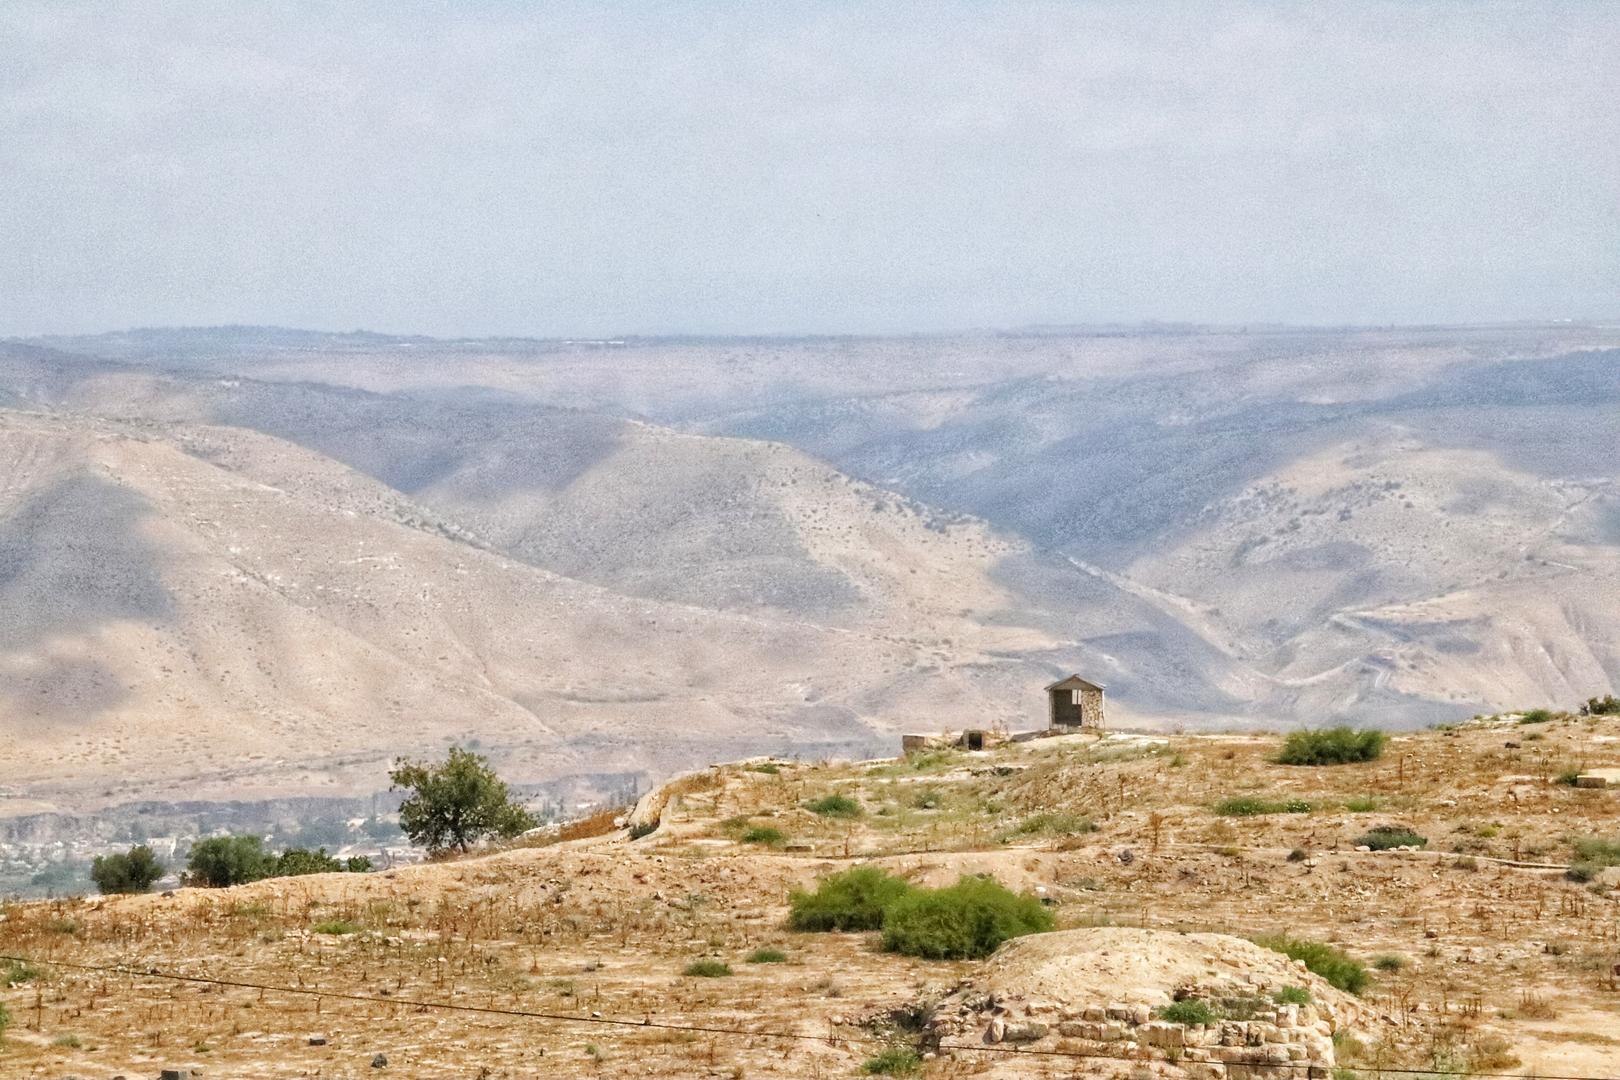 Jordanie - Vue du site romain de Umm Qais